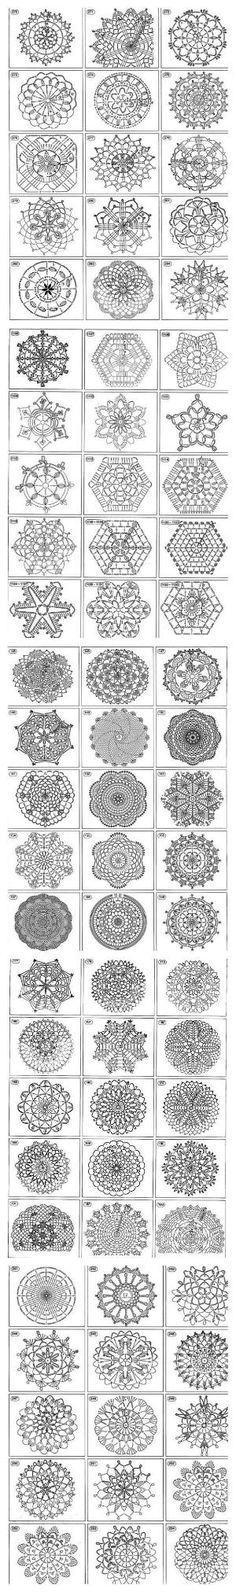 Mais de 1400 motif crochet livre, praças afegão, porta-copos, flocos de neve, doilies, triângulos pontos padrões da carta do diagrama.  Excelente para bebê cobertores, afegãos, toalhas de mesa, afiação toalha, Natal.  ornamentos etc. por sgadouryeast